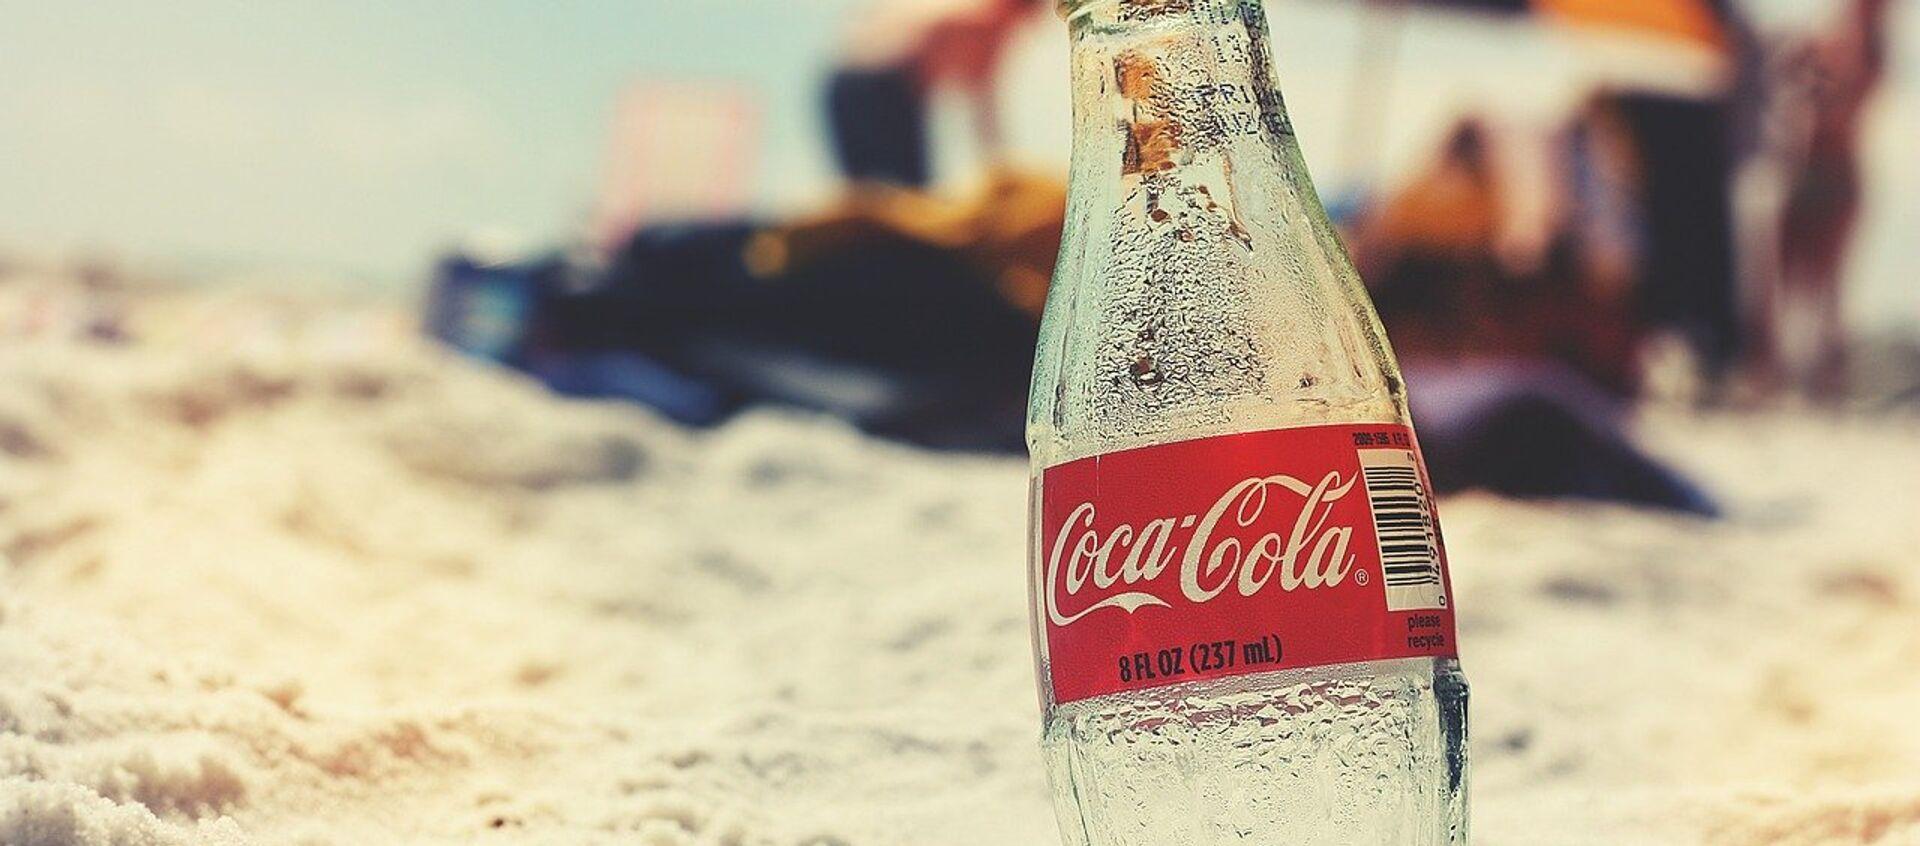 Coca-Cola - Sputnik Italia, 1920, 07.12.2020